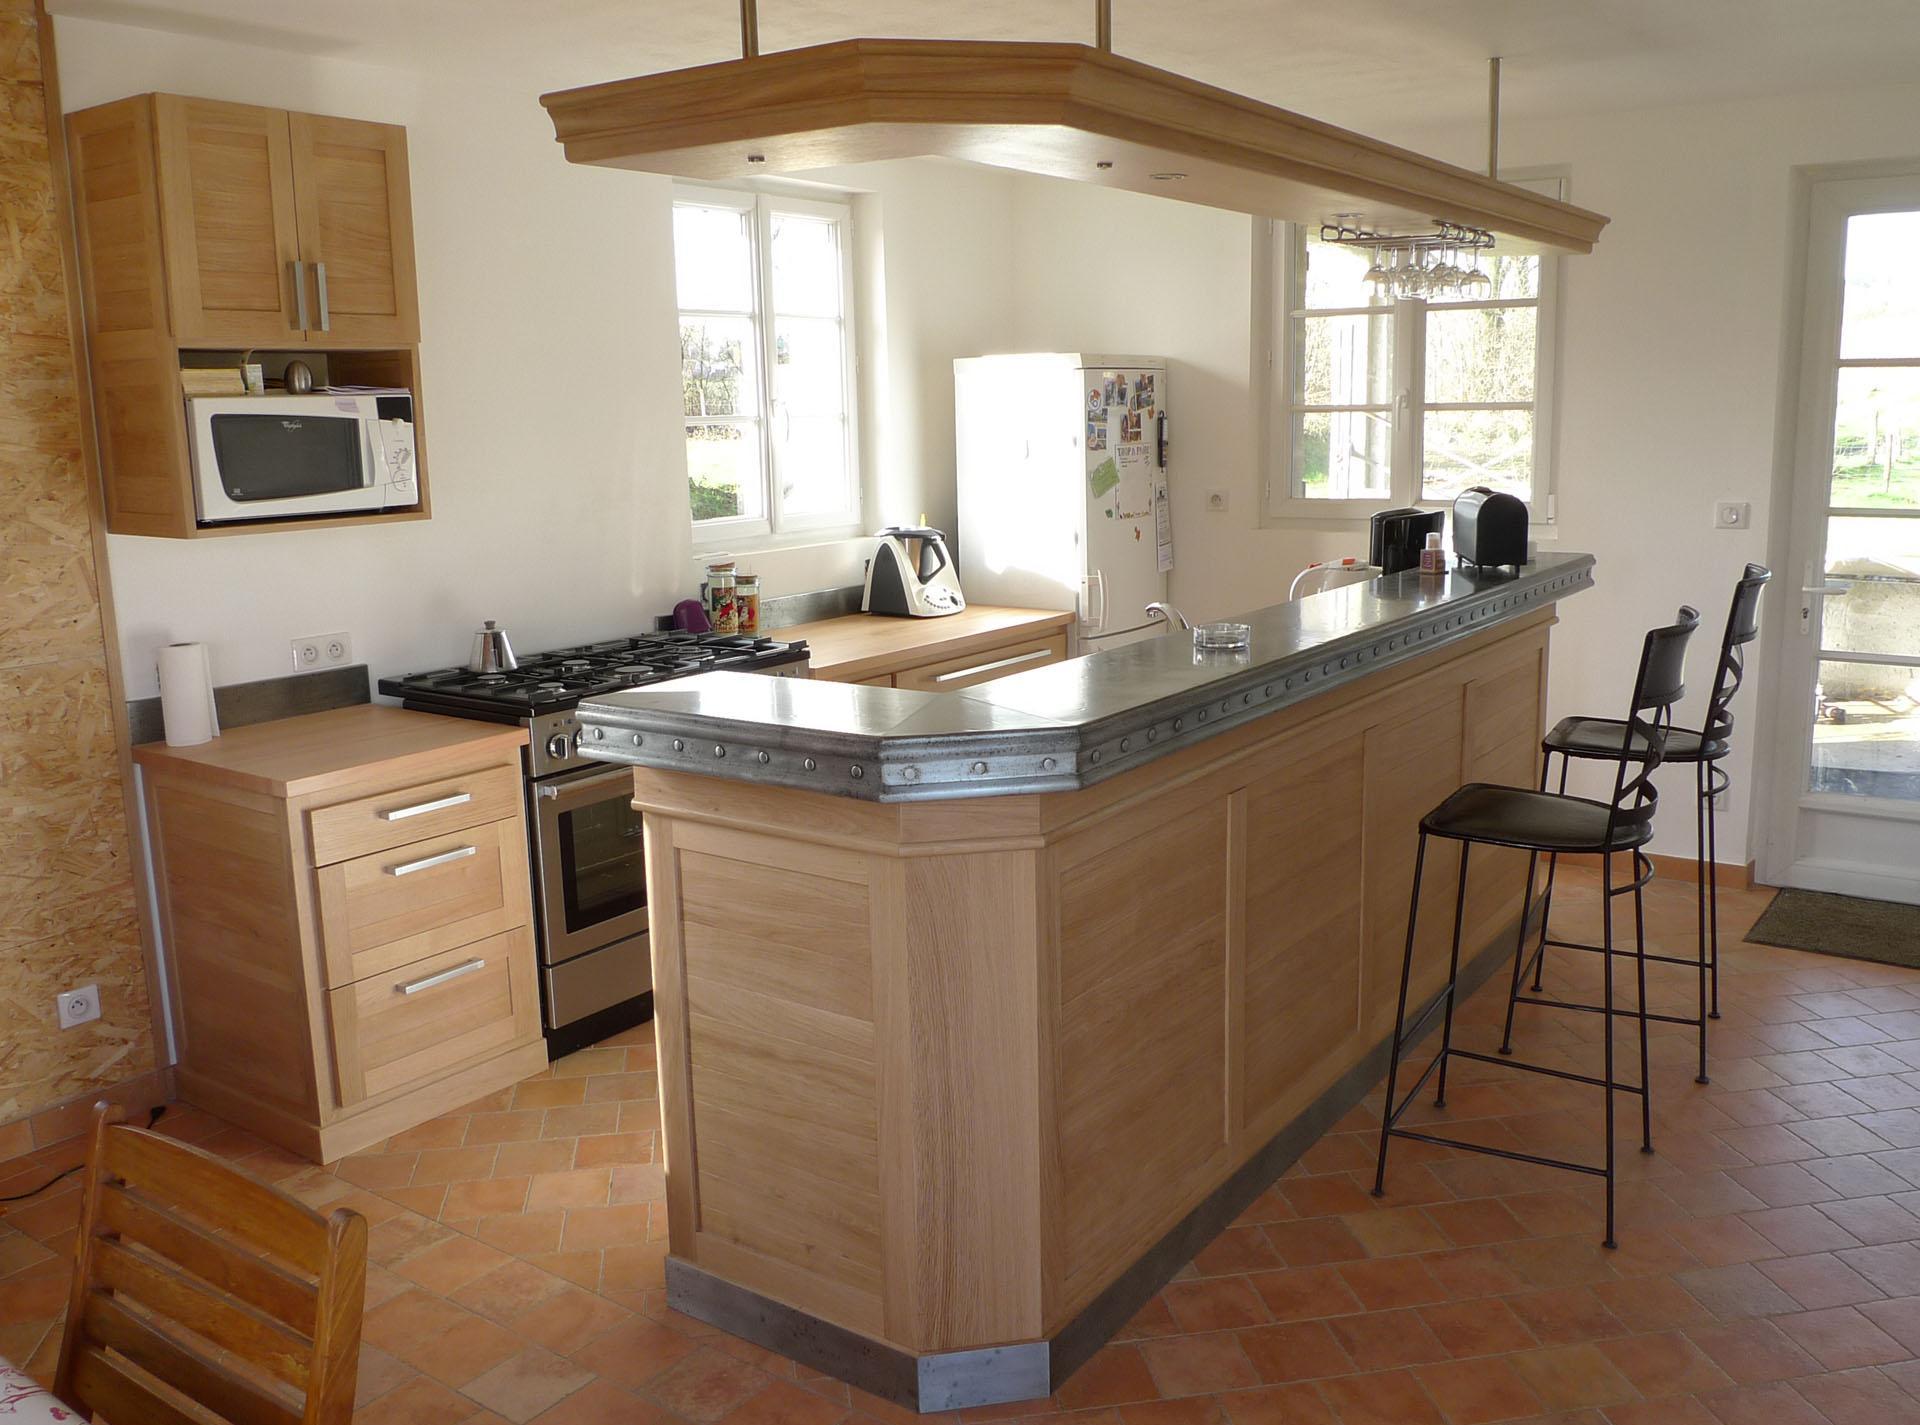 Дизайн кухни с барной стойкой в доме